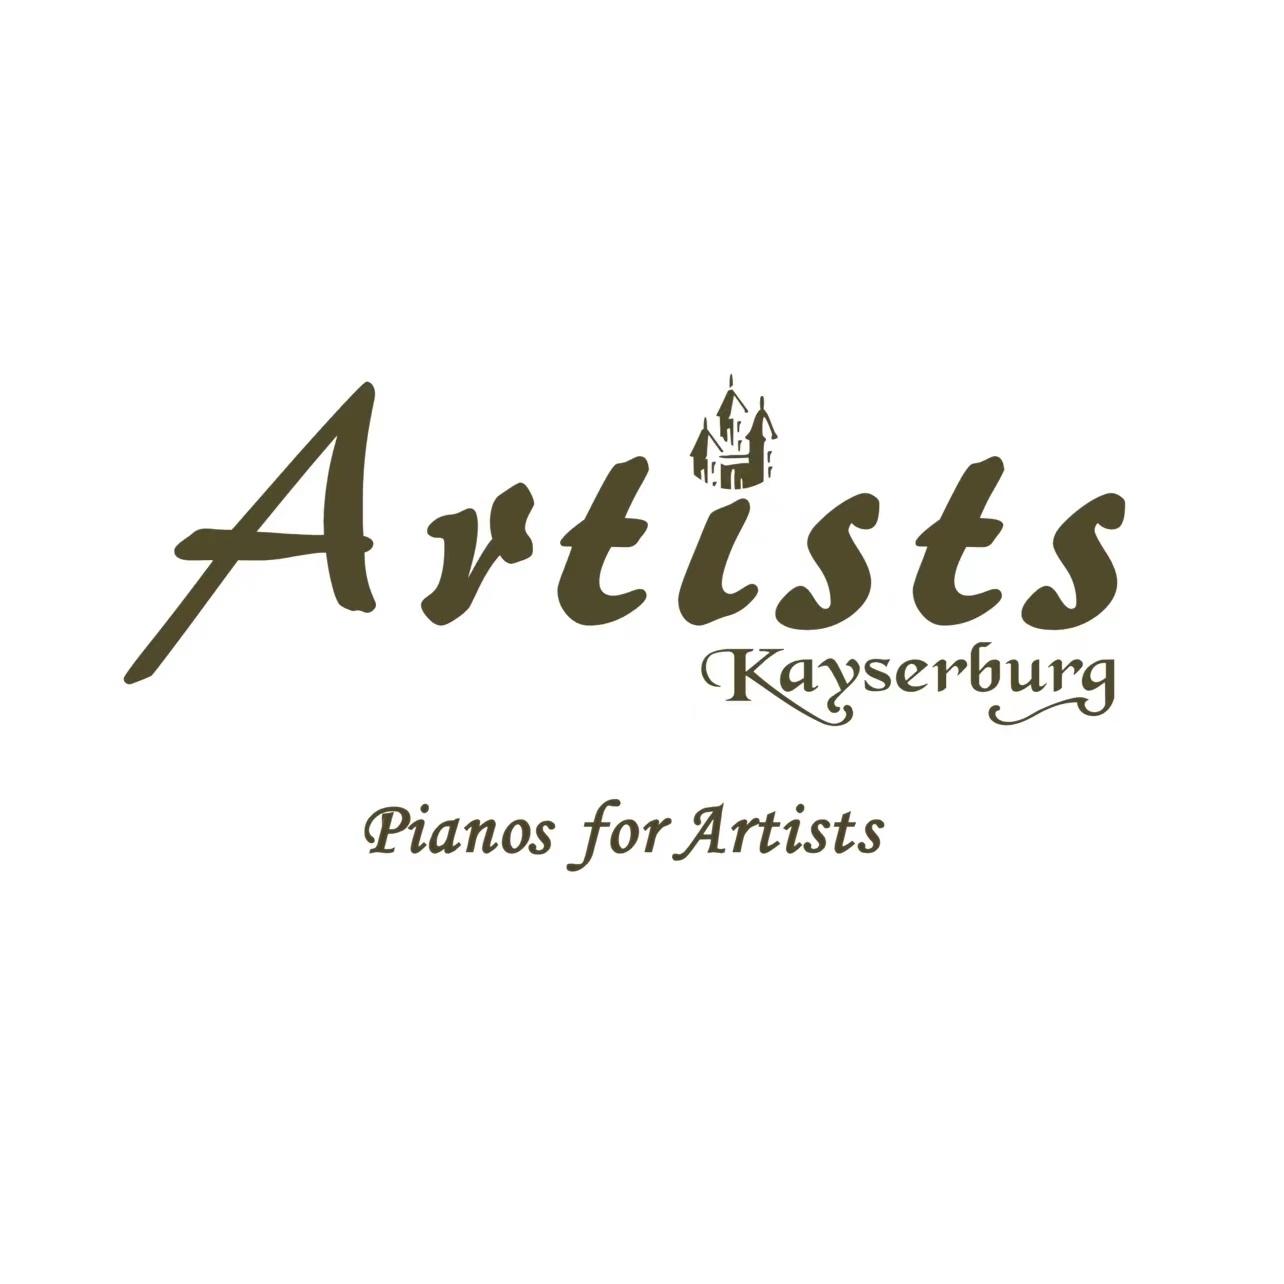 Kayserburg Artists Piano